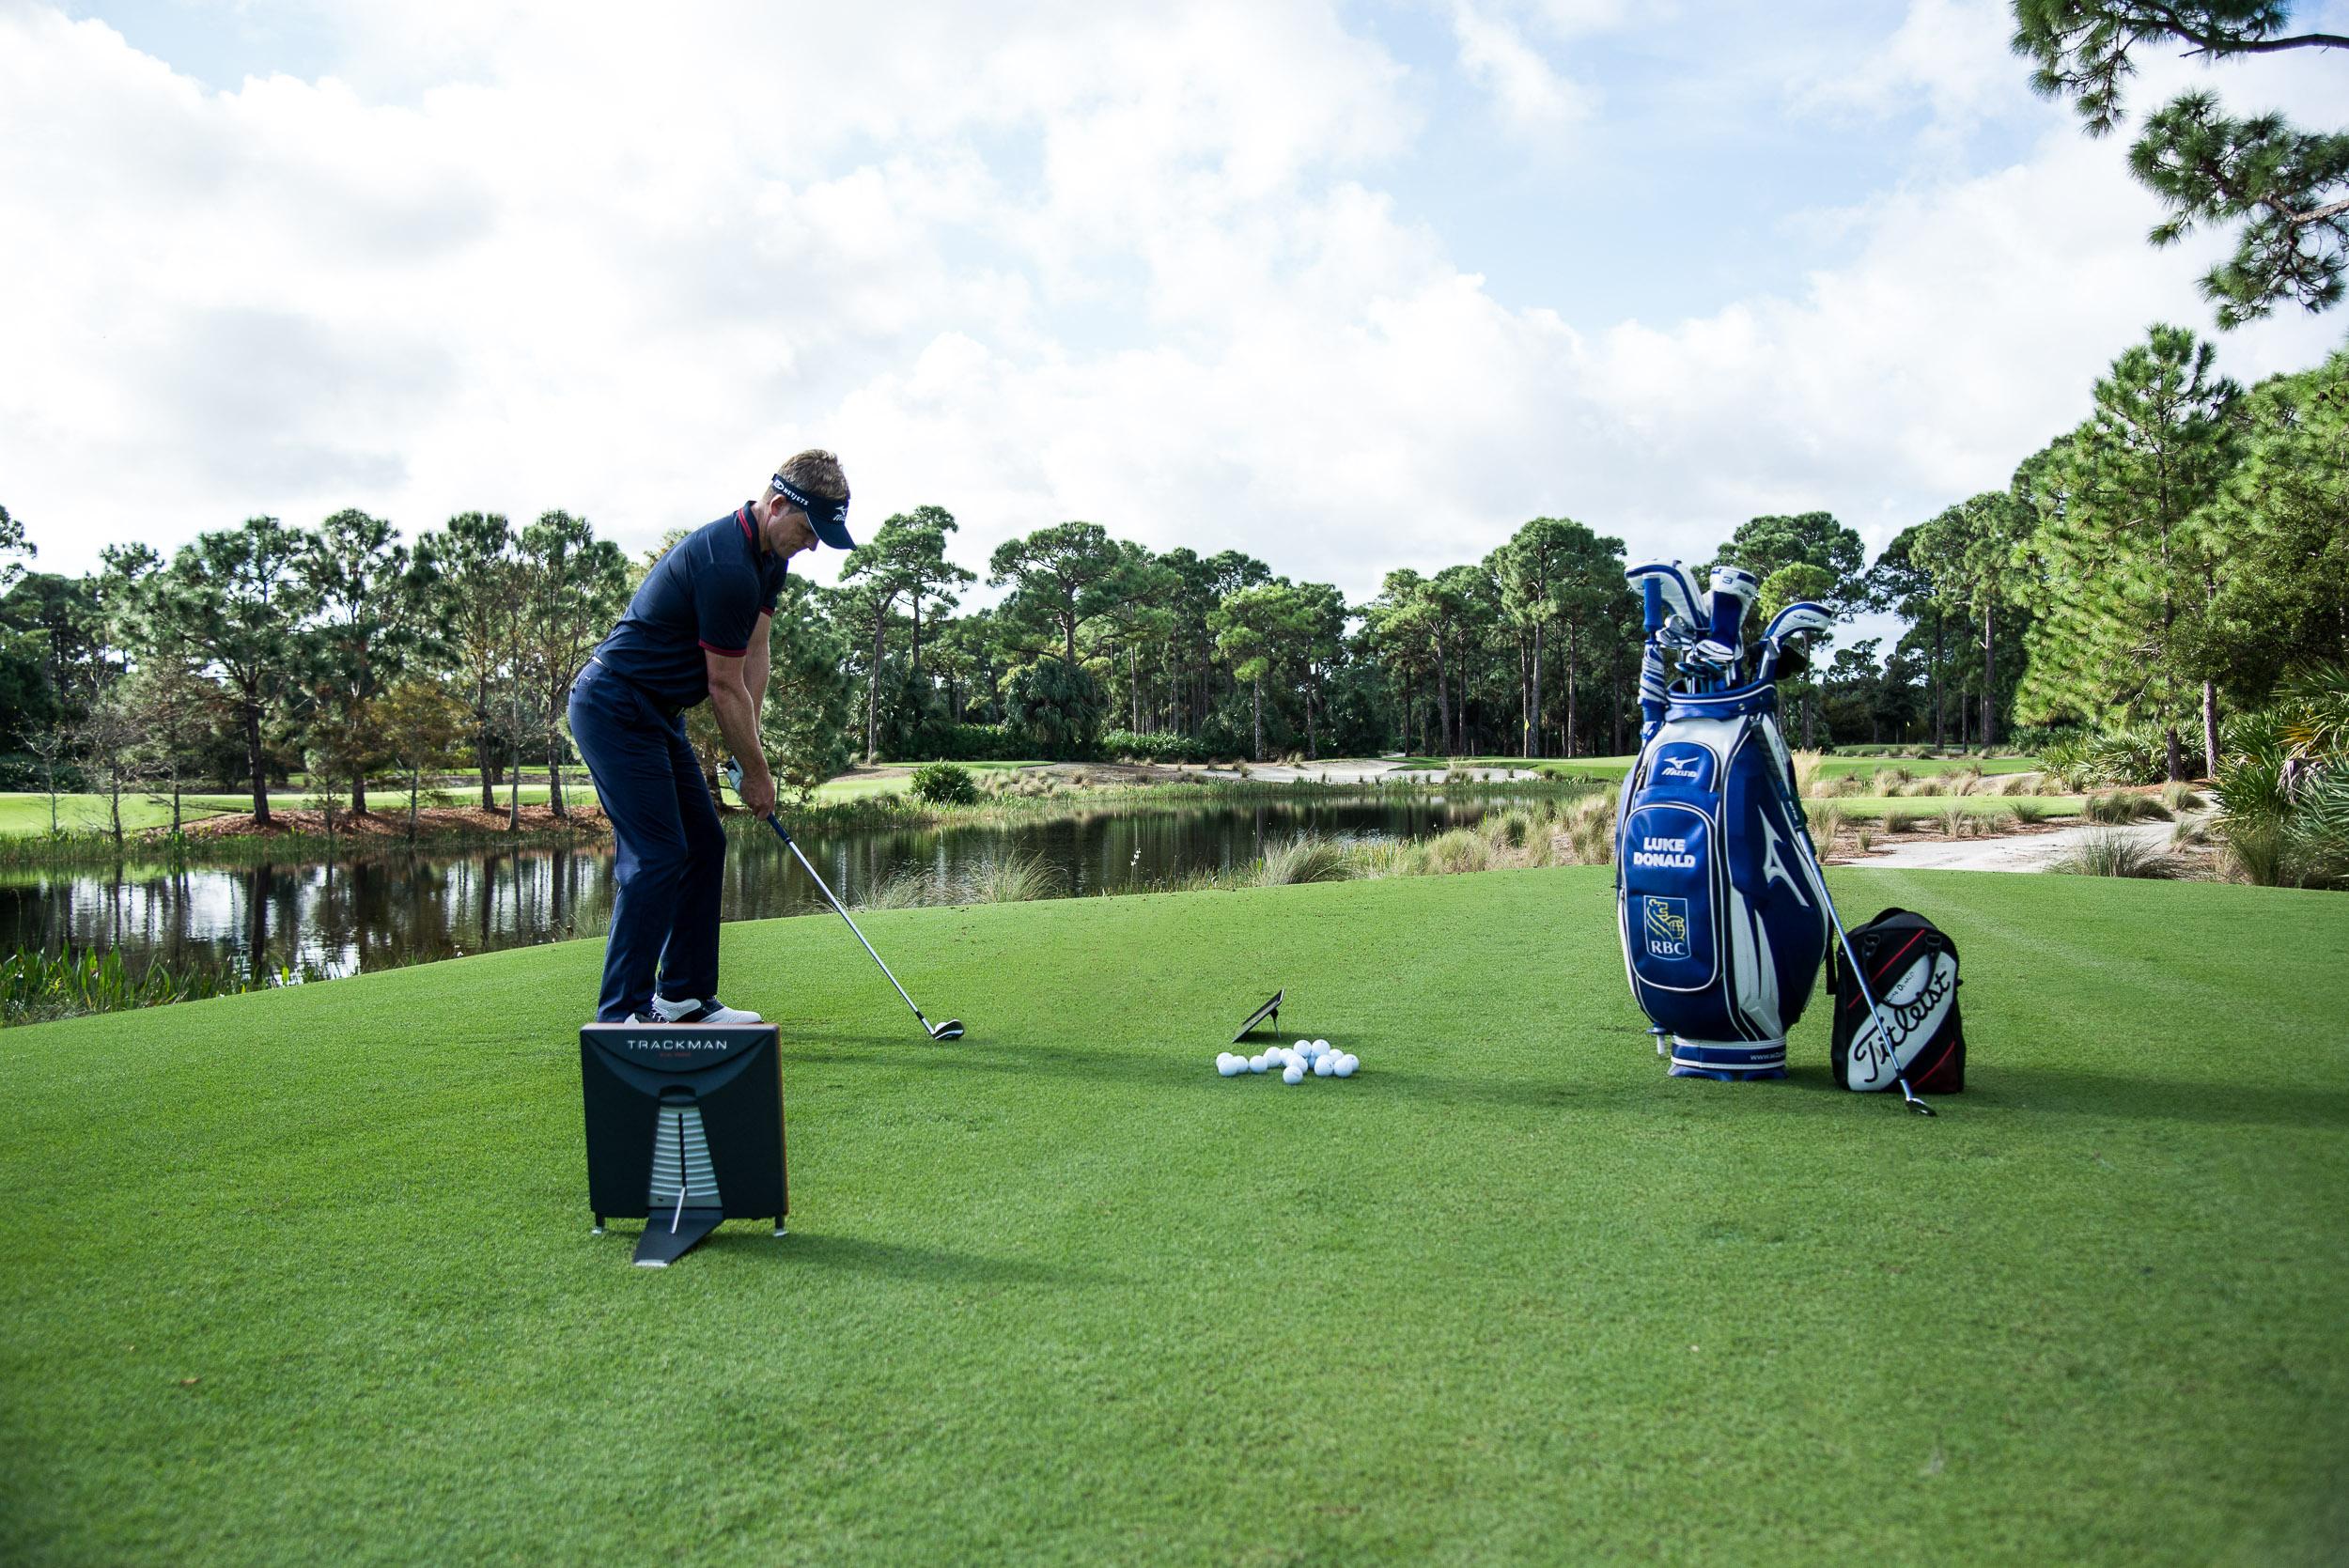 Golfbälle – 3 Dinge, die du unbedingt wissen solltest